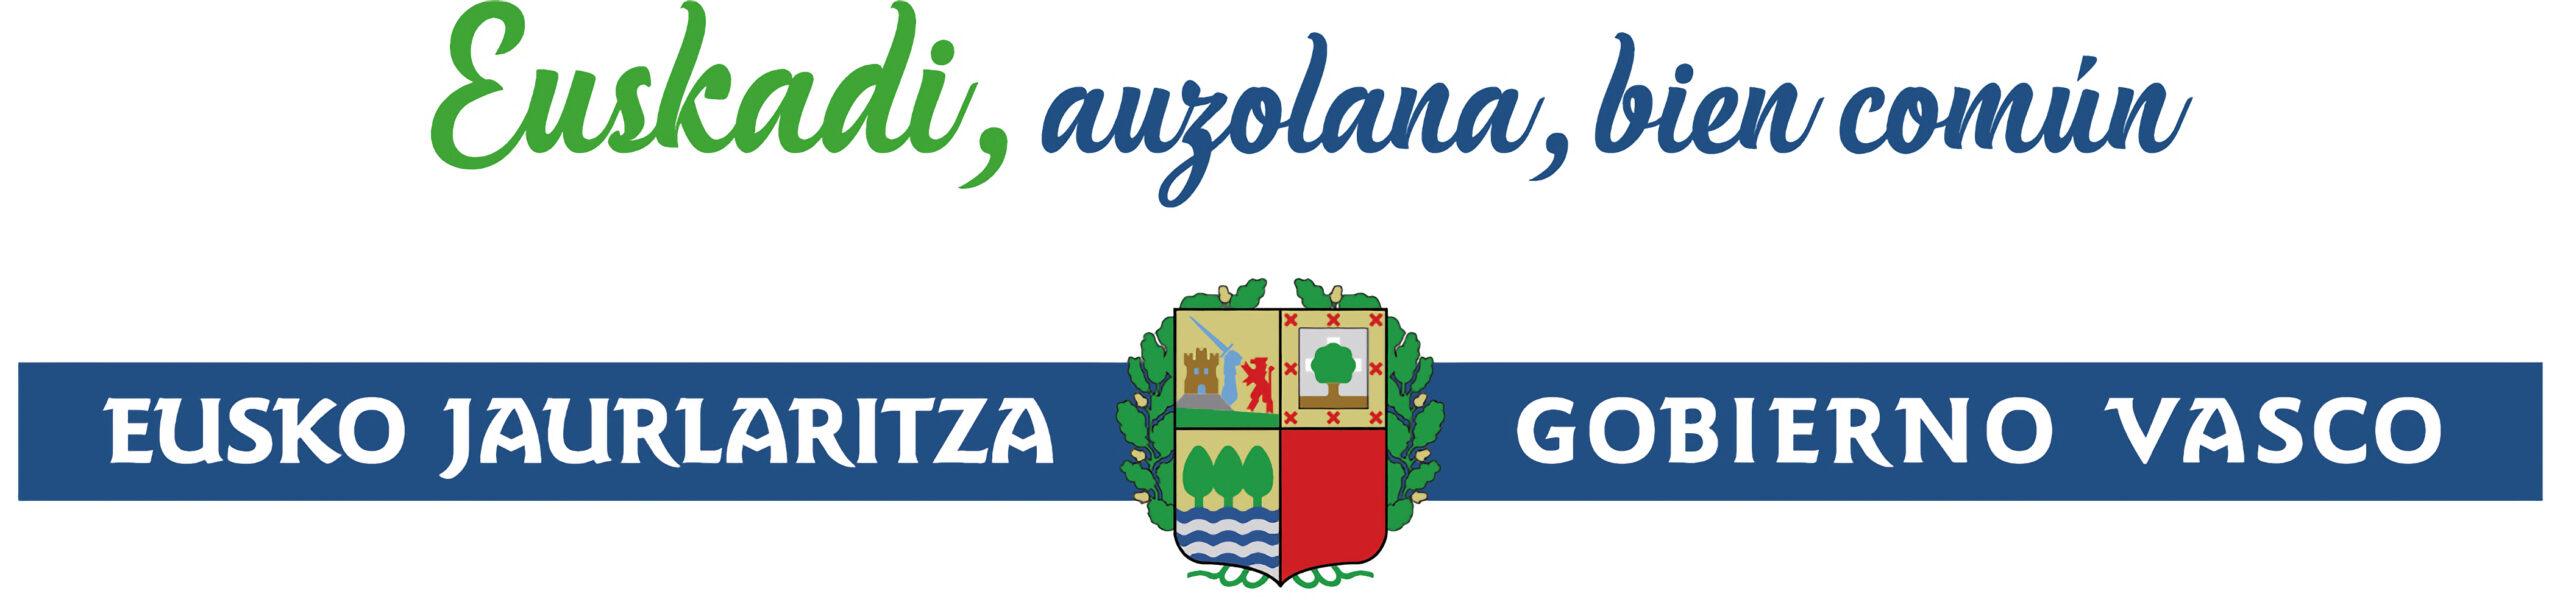 Dirección de trafiko. Gobierno Vasco